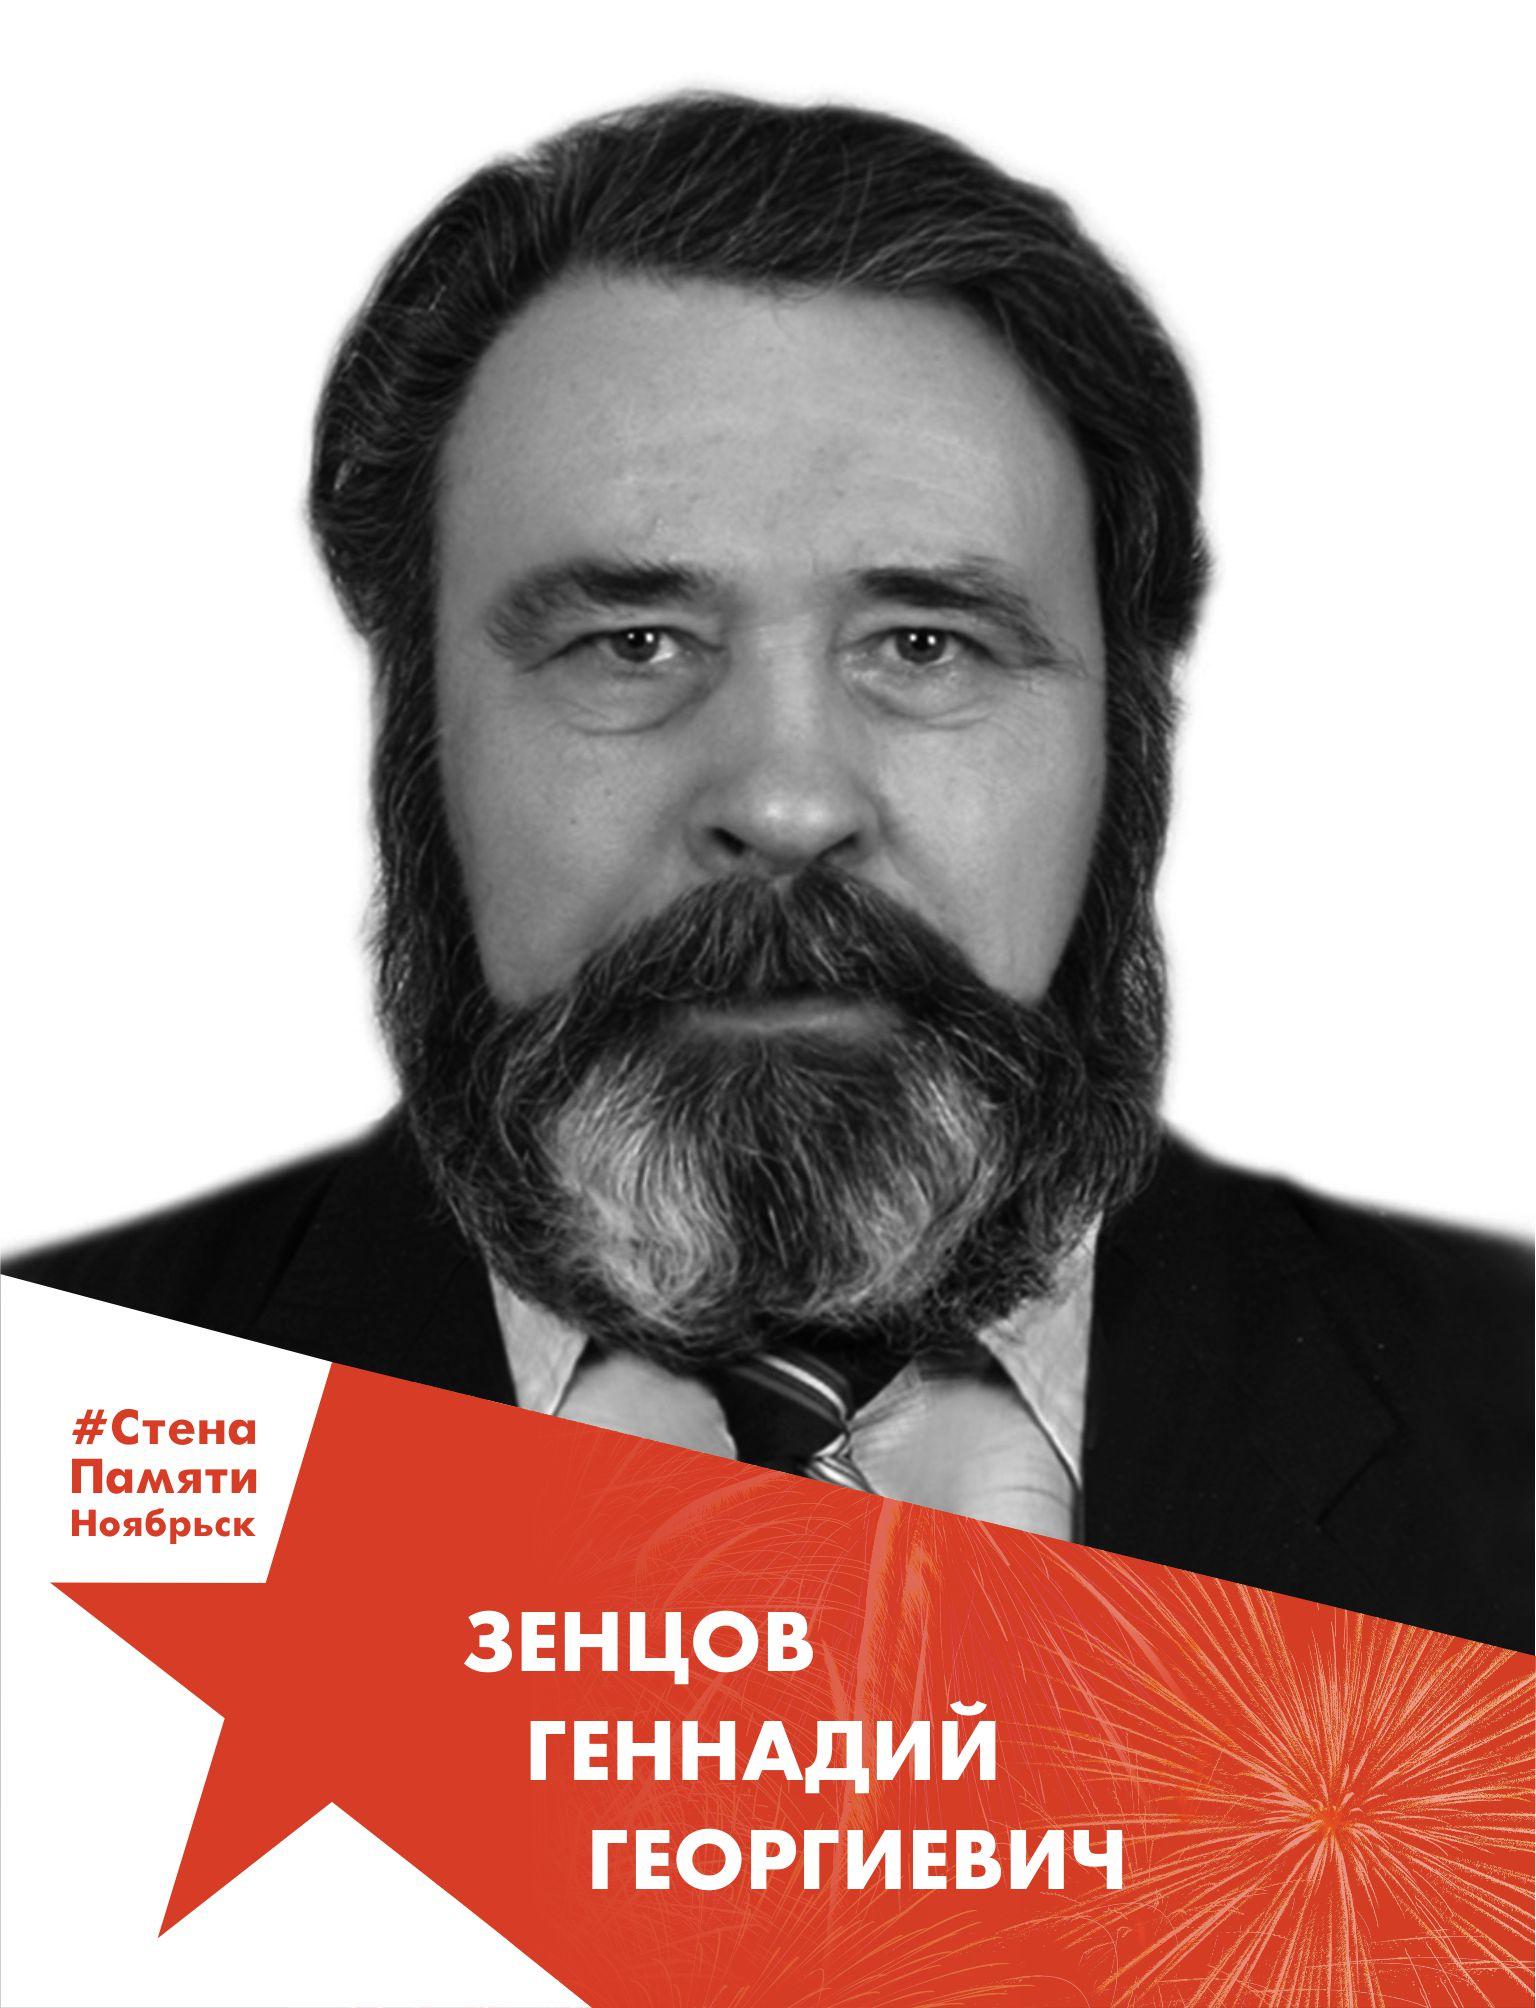 Зенцов Геннадий Георгиевич